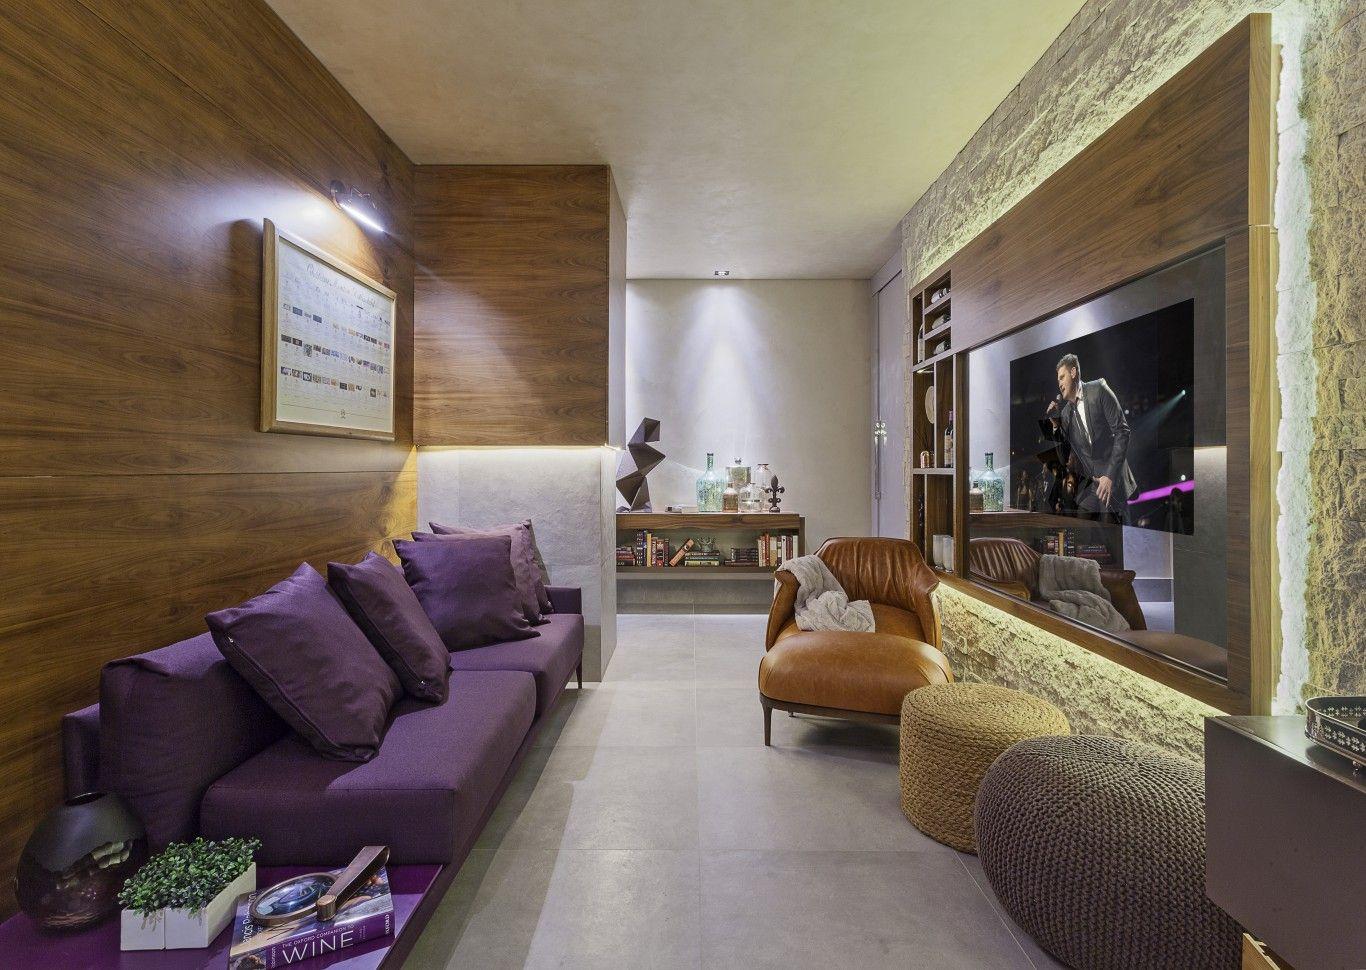 Sala De Vinhos Adega Casa Cor 2016 Silvia Carvalho Arquitetura  # Muebles Kasa Design